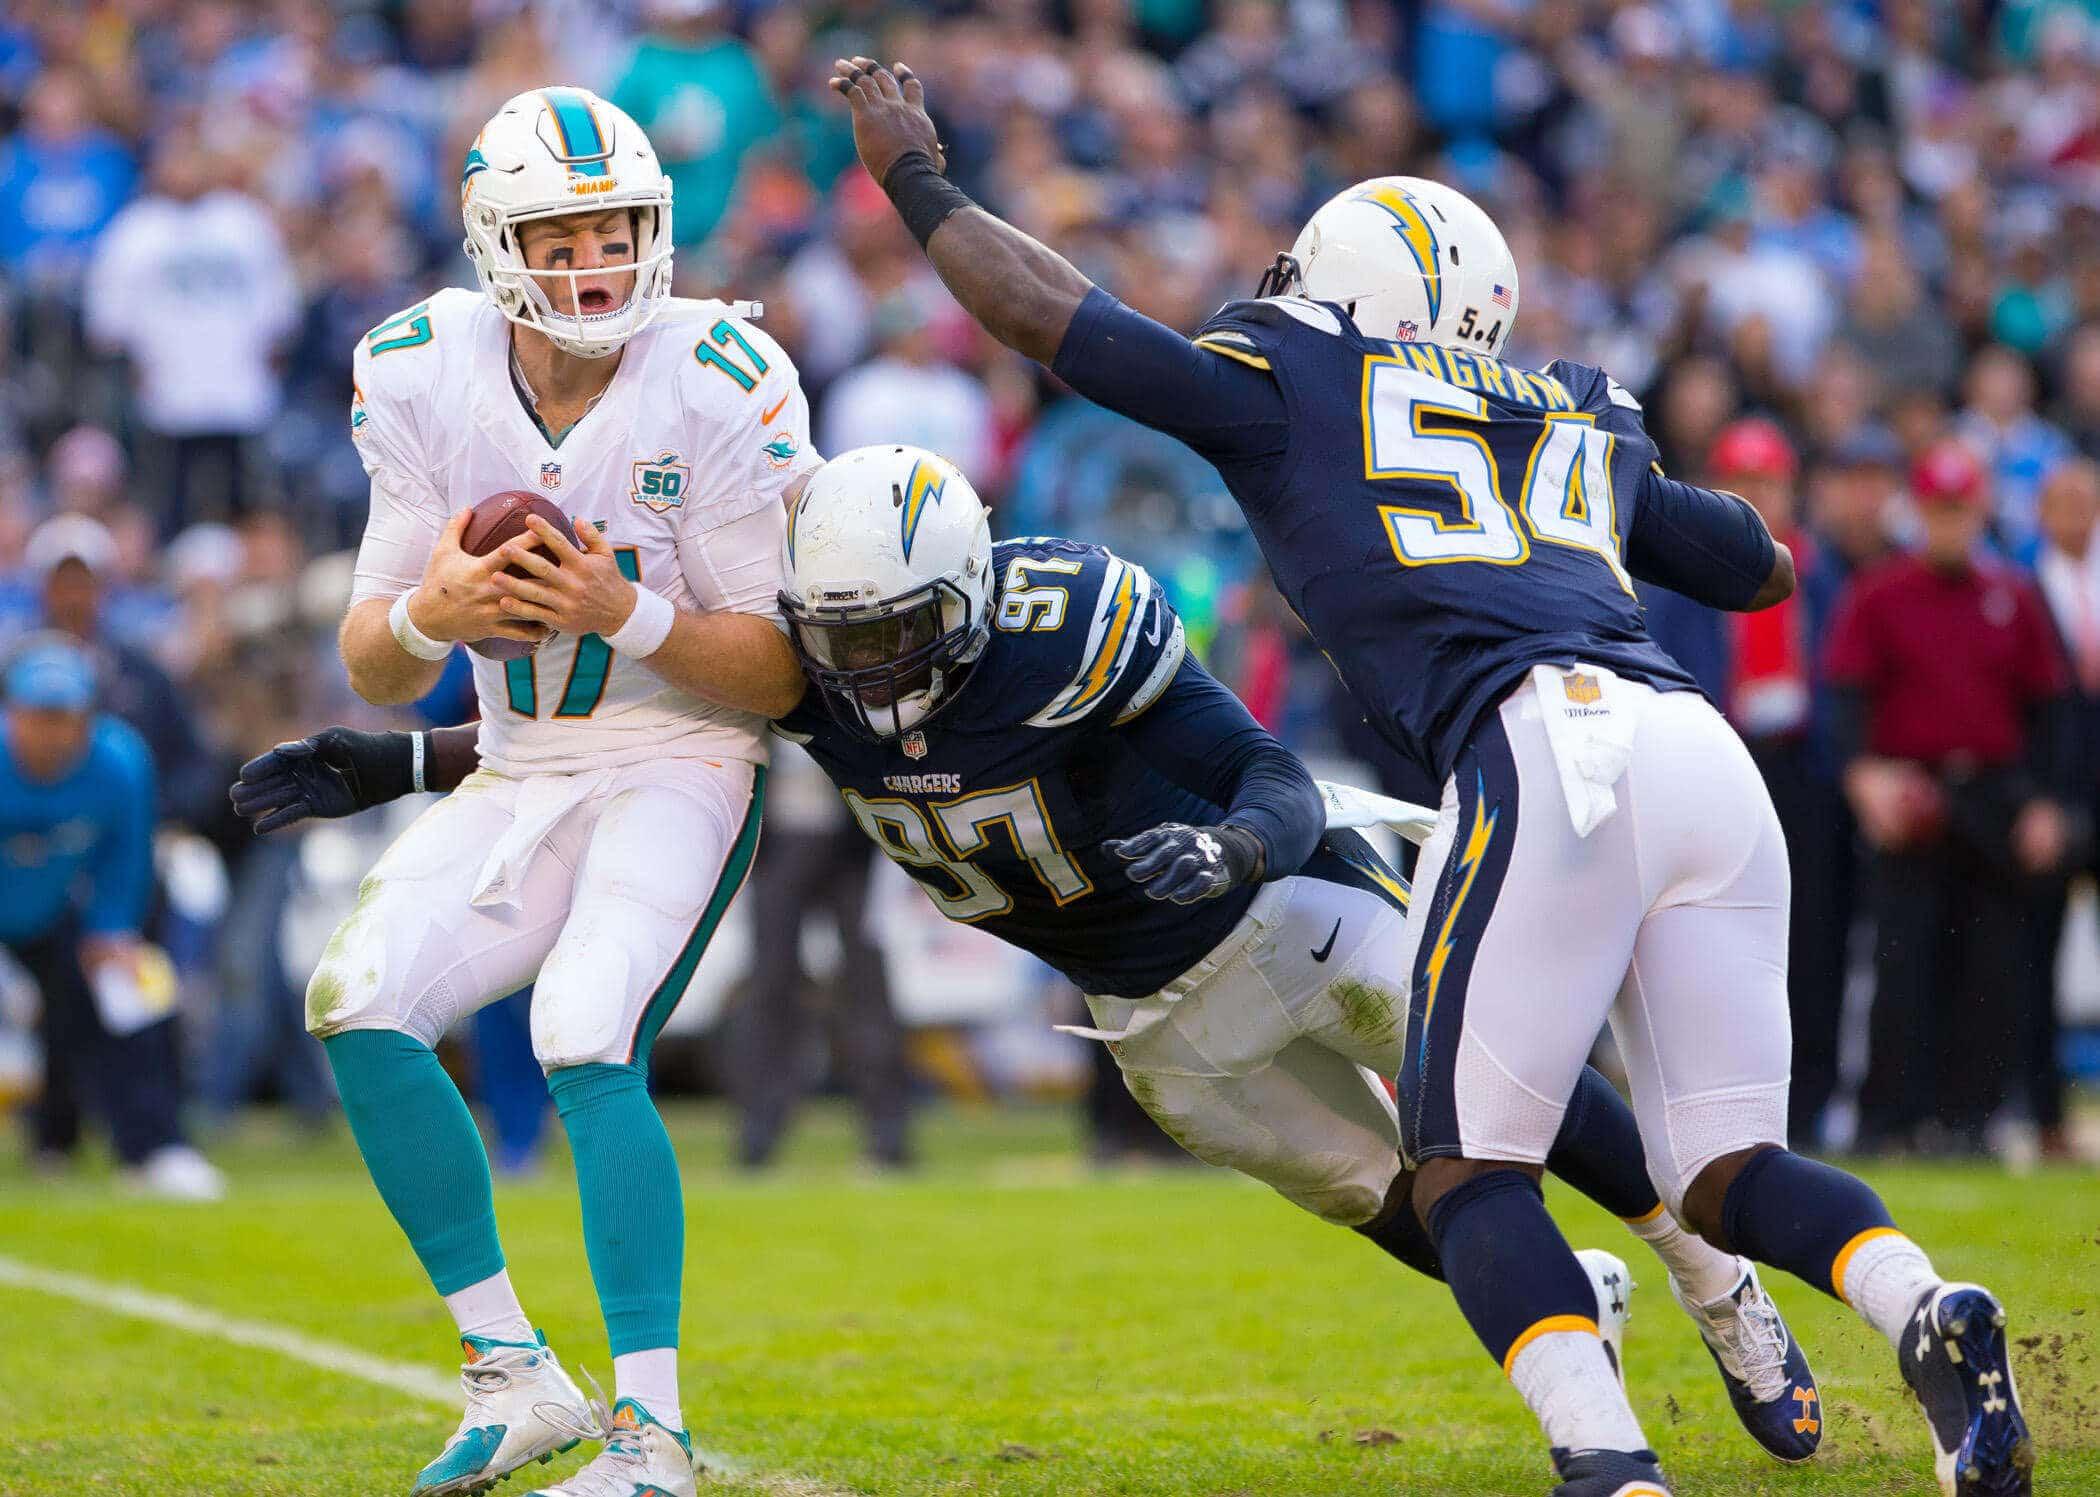 NFL Week 10 Picks: Dolphins